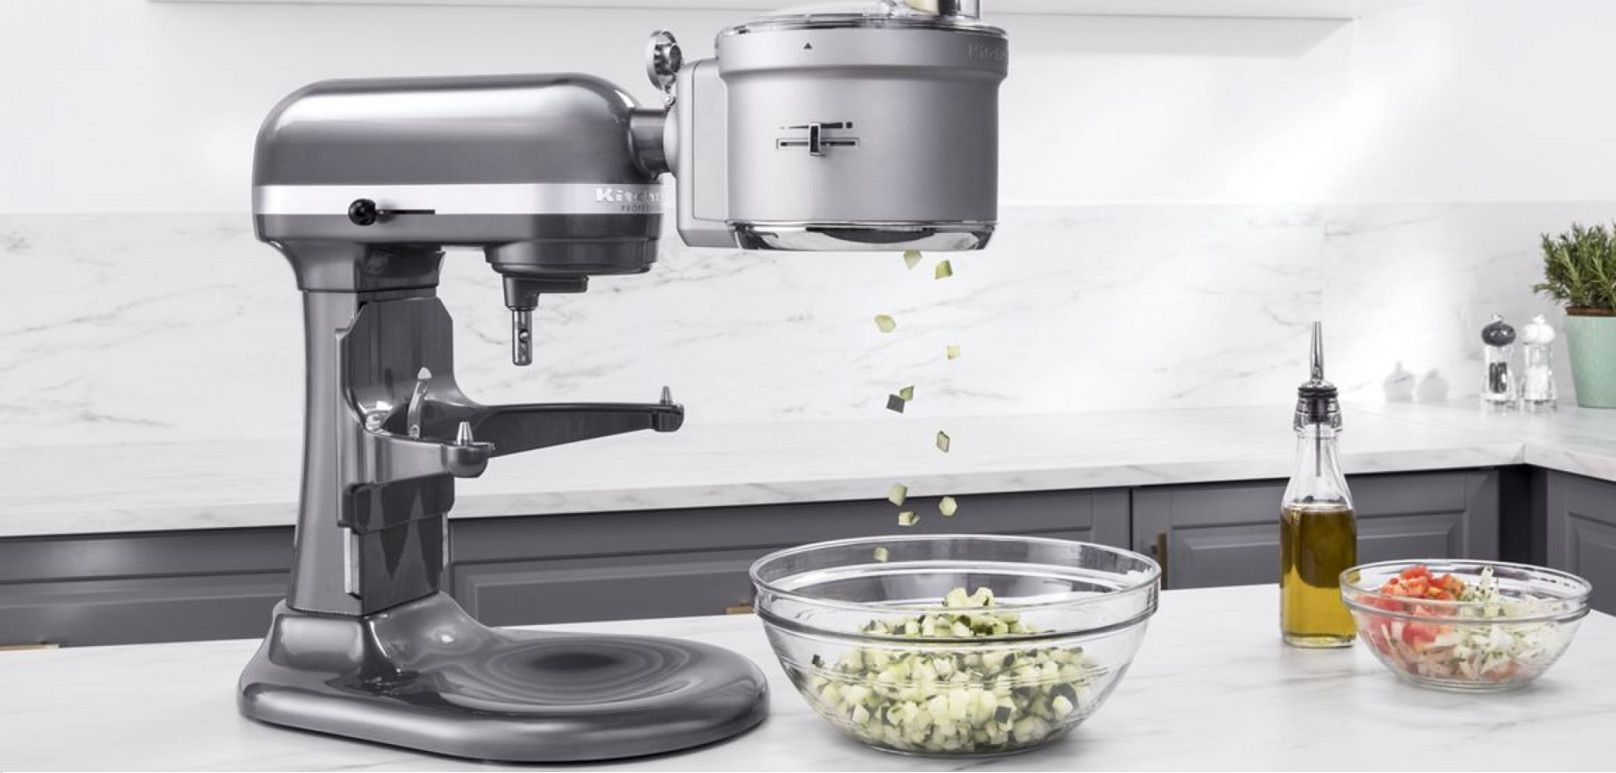 Estore kitchen kitchen aid mixer